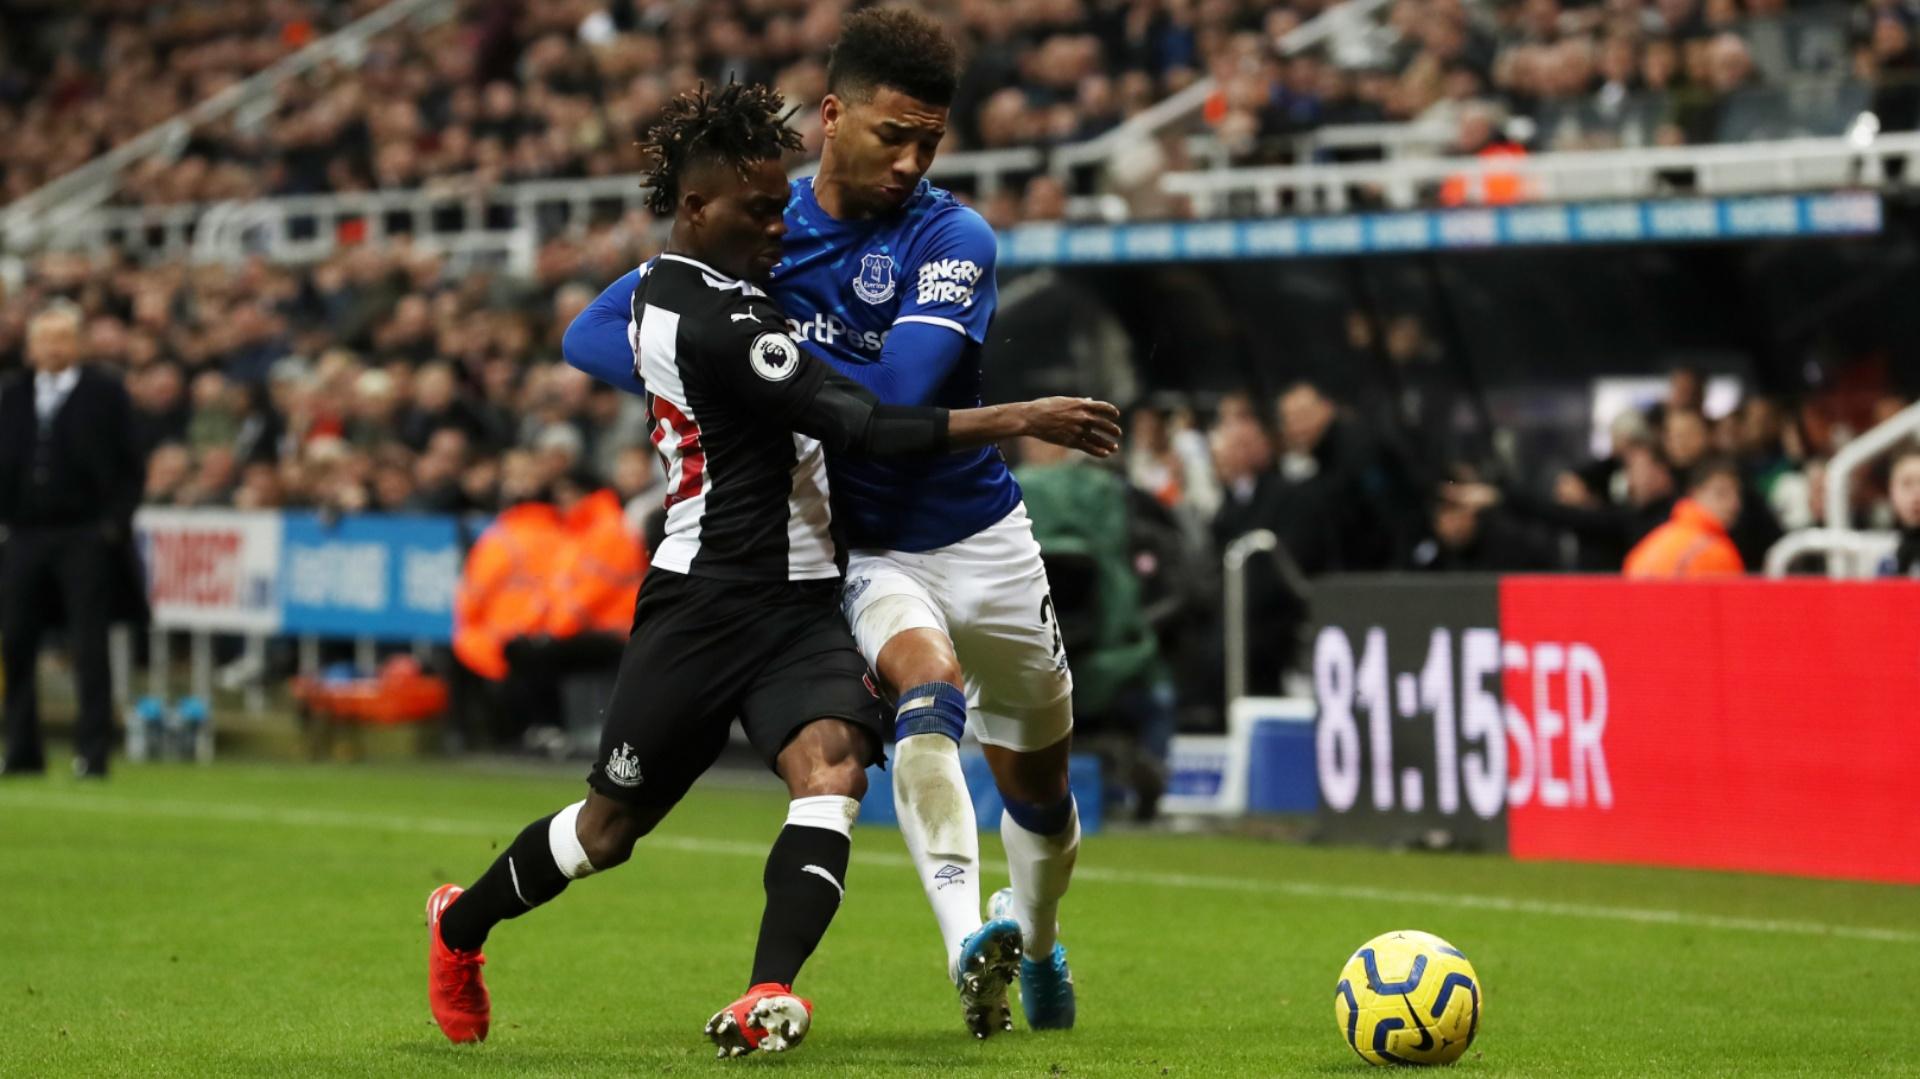 Christian Atsu's Newcastle United comeback in 2-2 draw with Everton